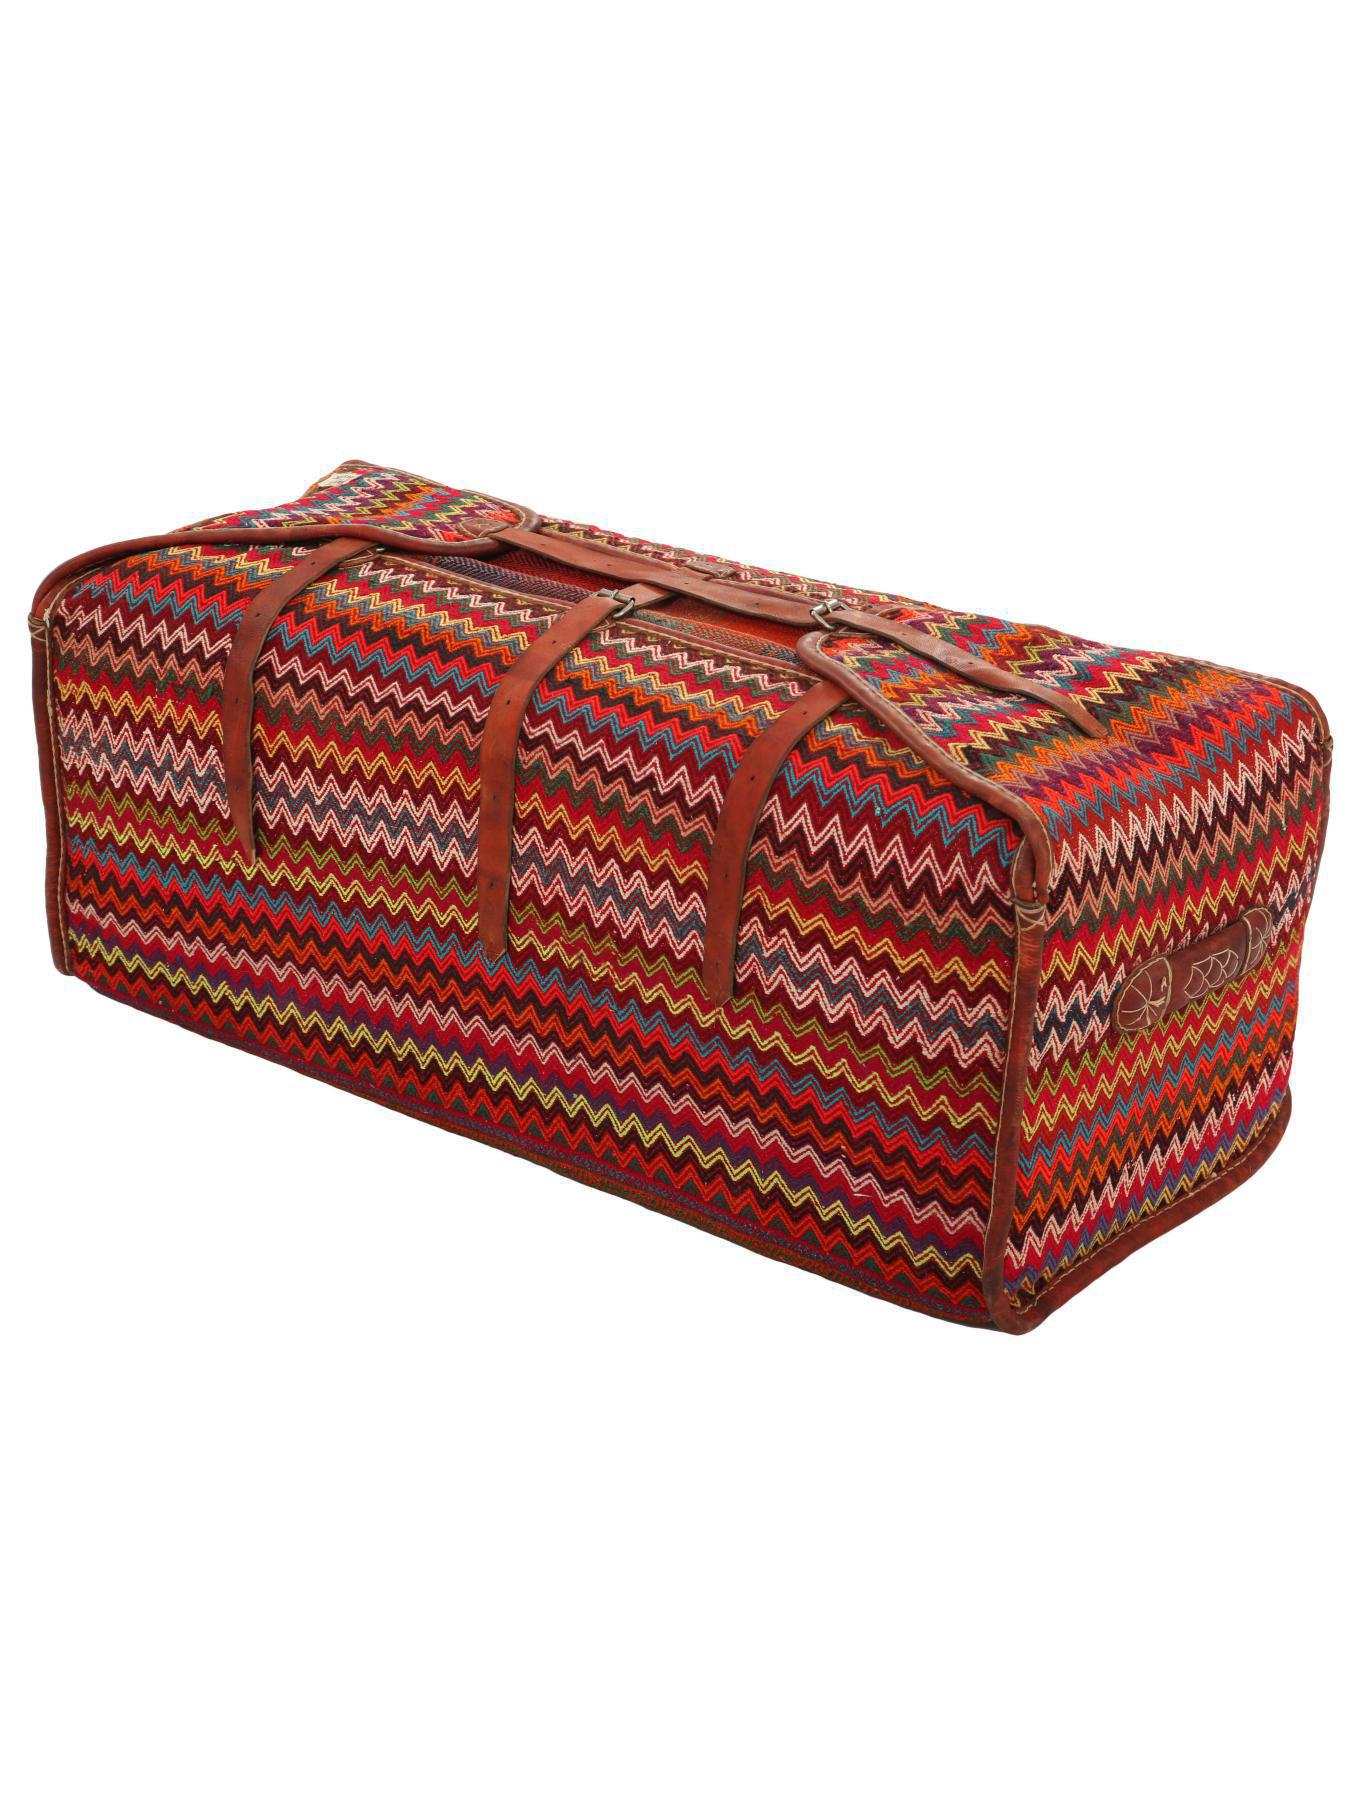 Perzische poefs - Camel Bag